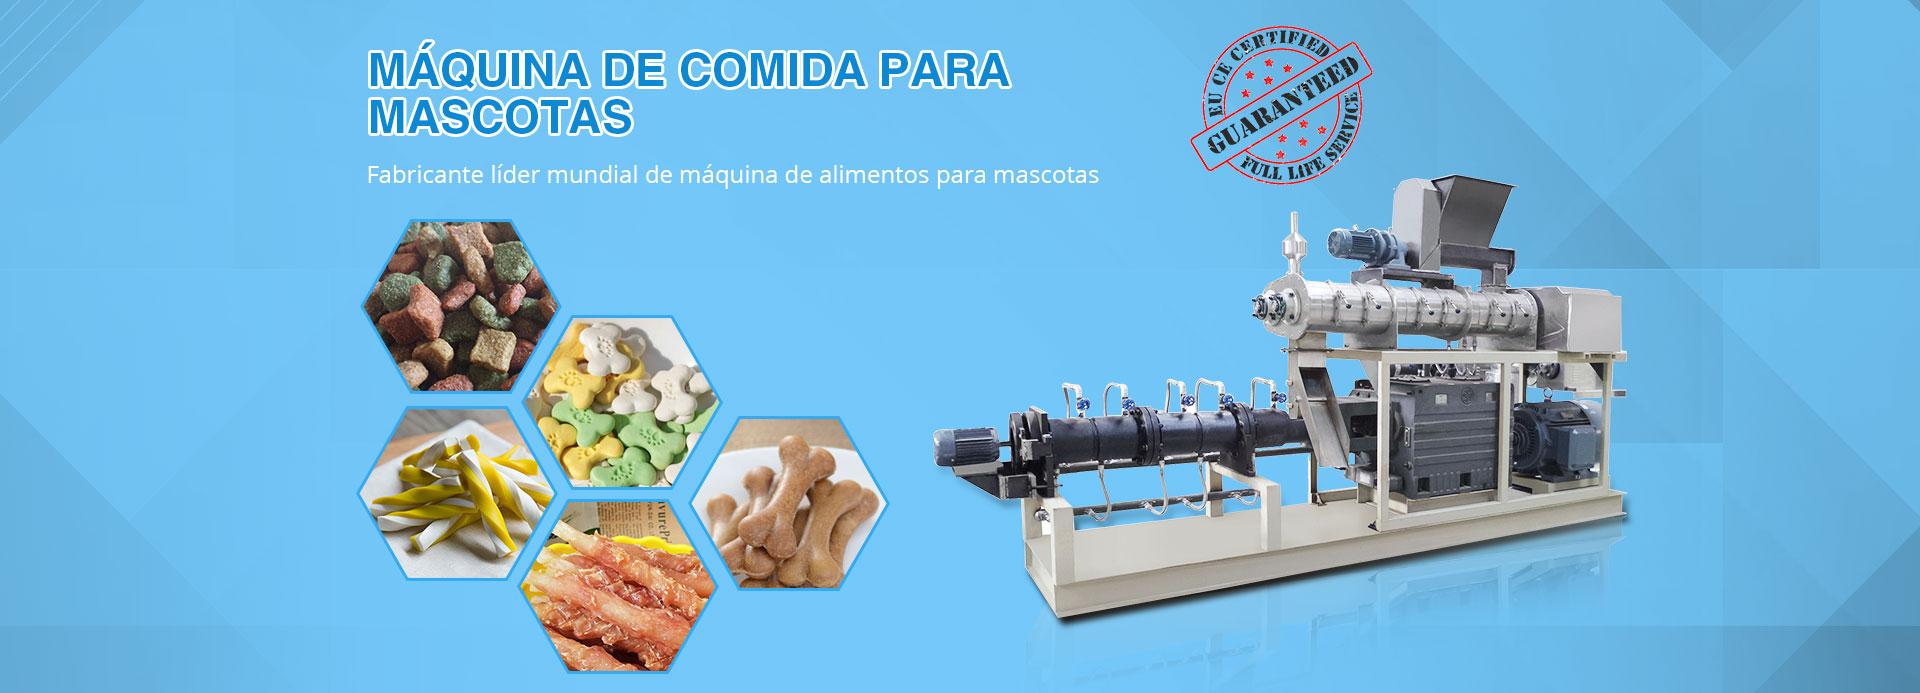 Máquina de alimentos para mascotas